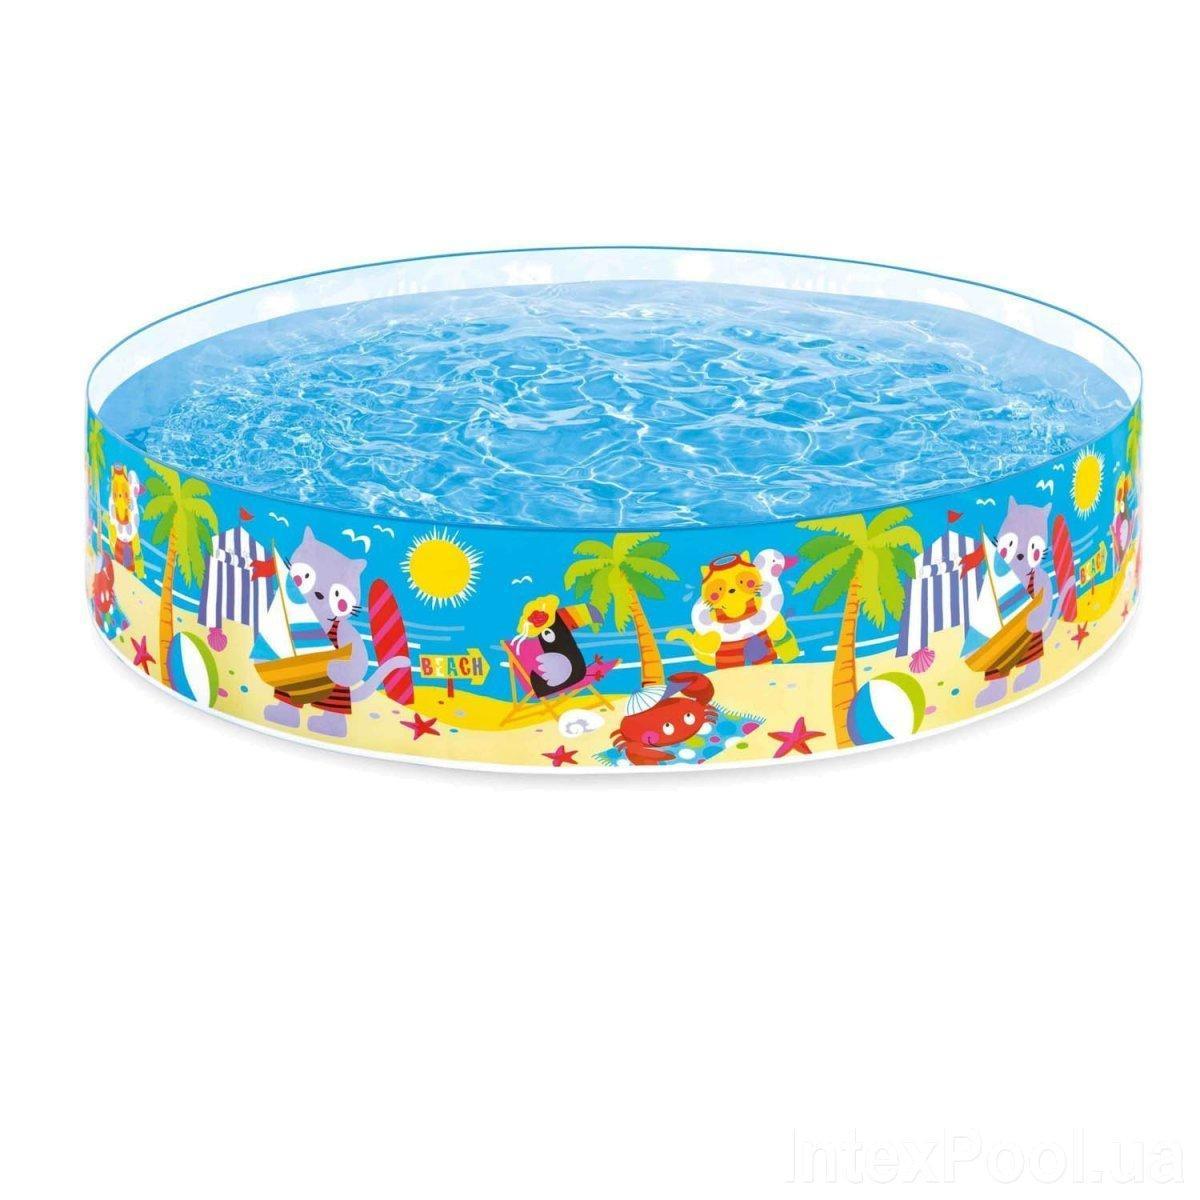 Бассейн детский каркасный Intex 58457 Пляжные друзья, 244 х 46 см